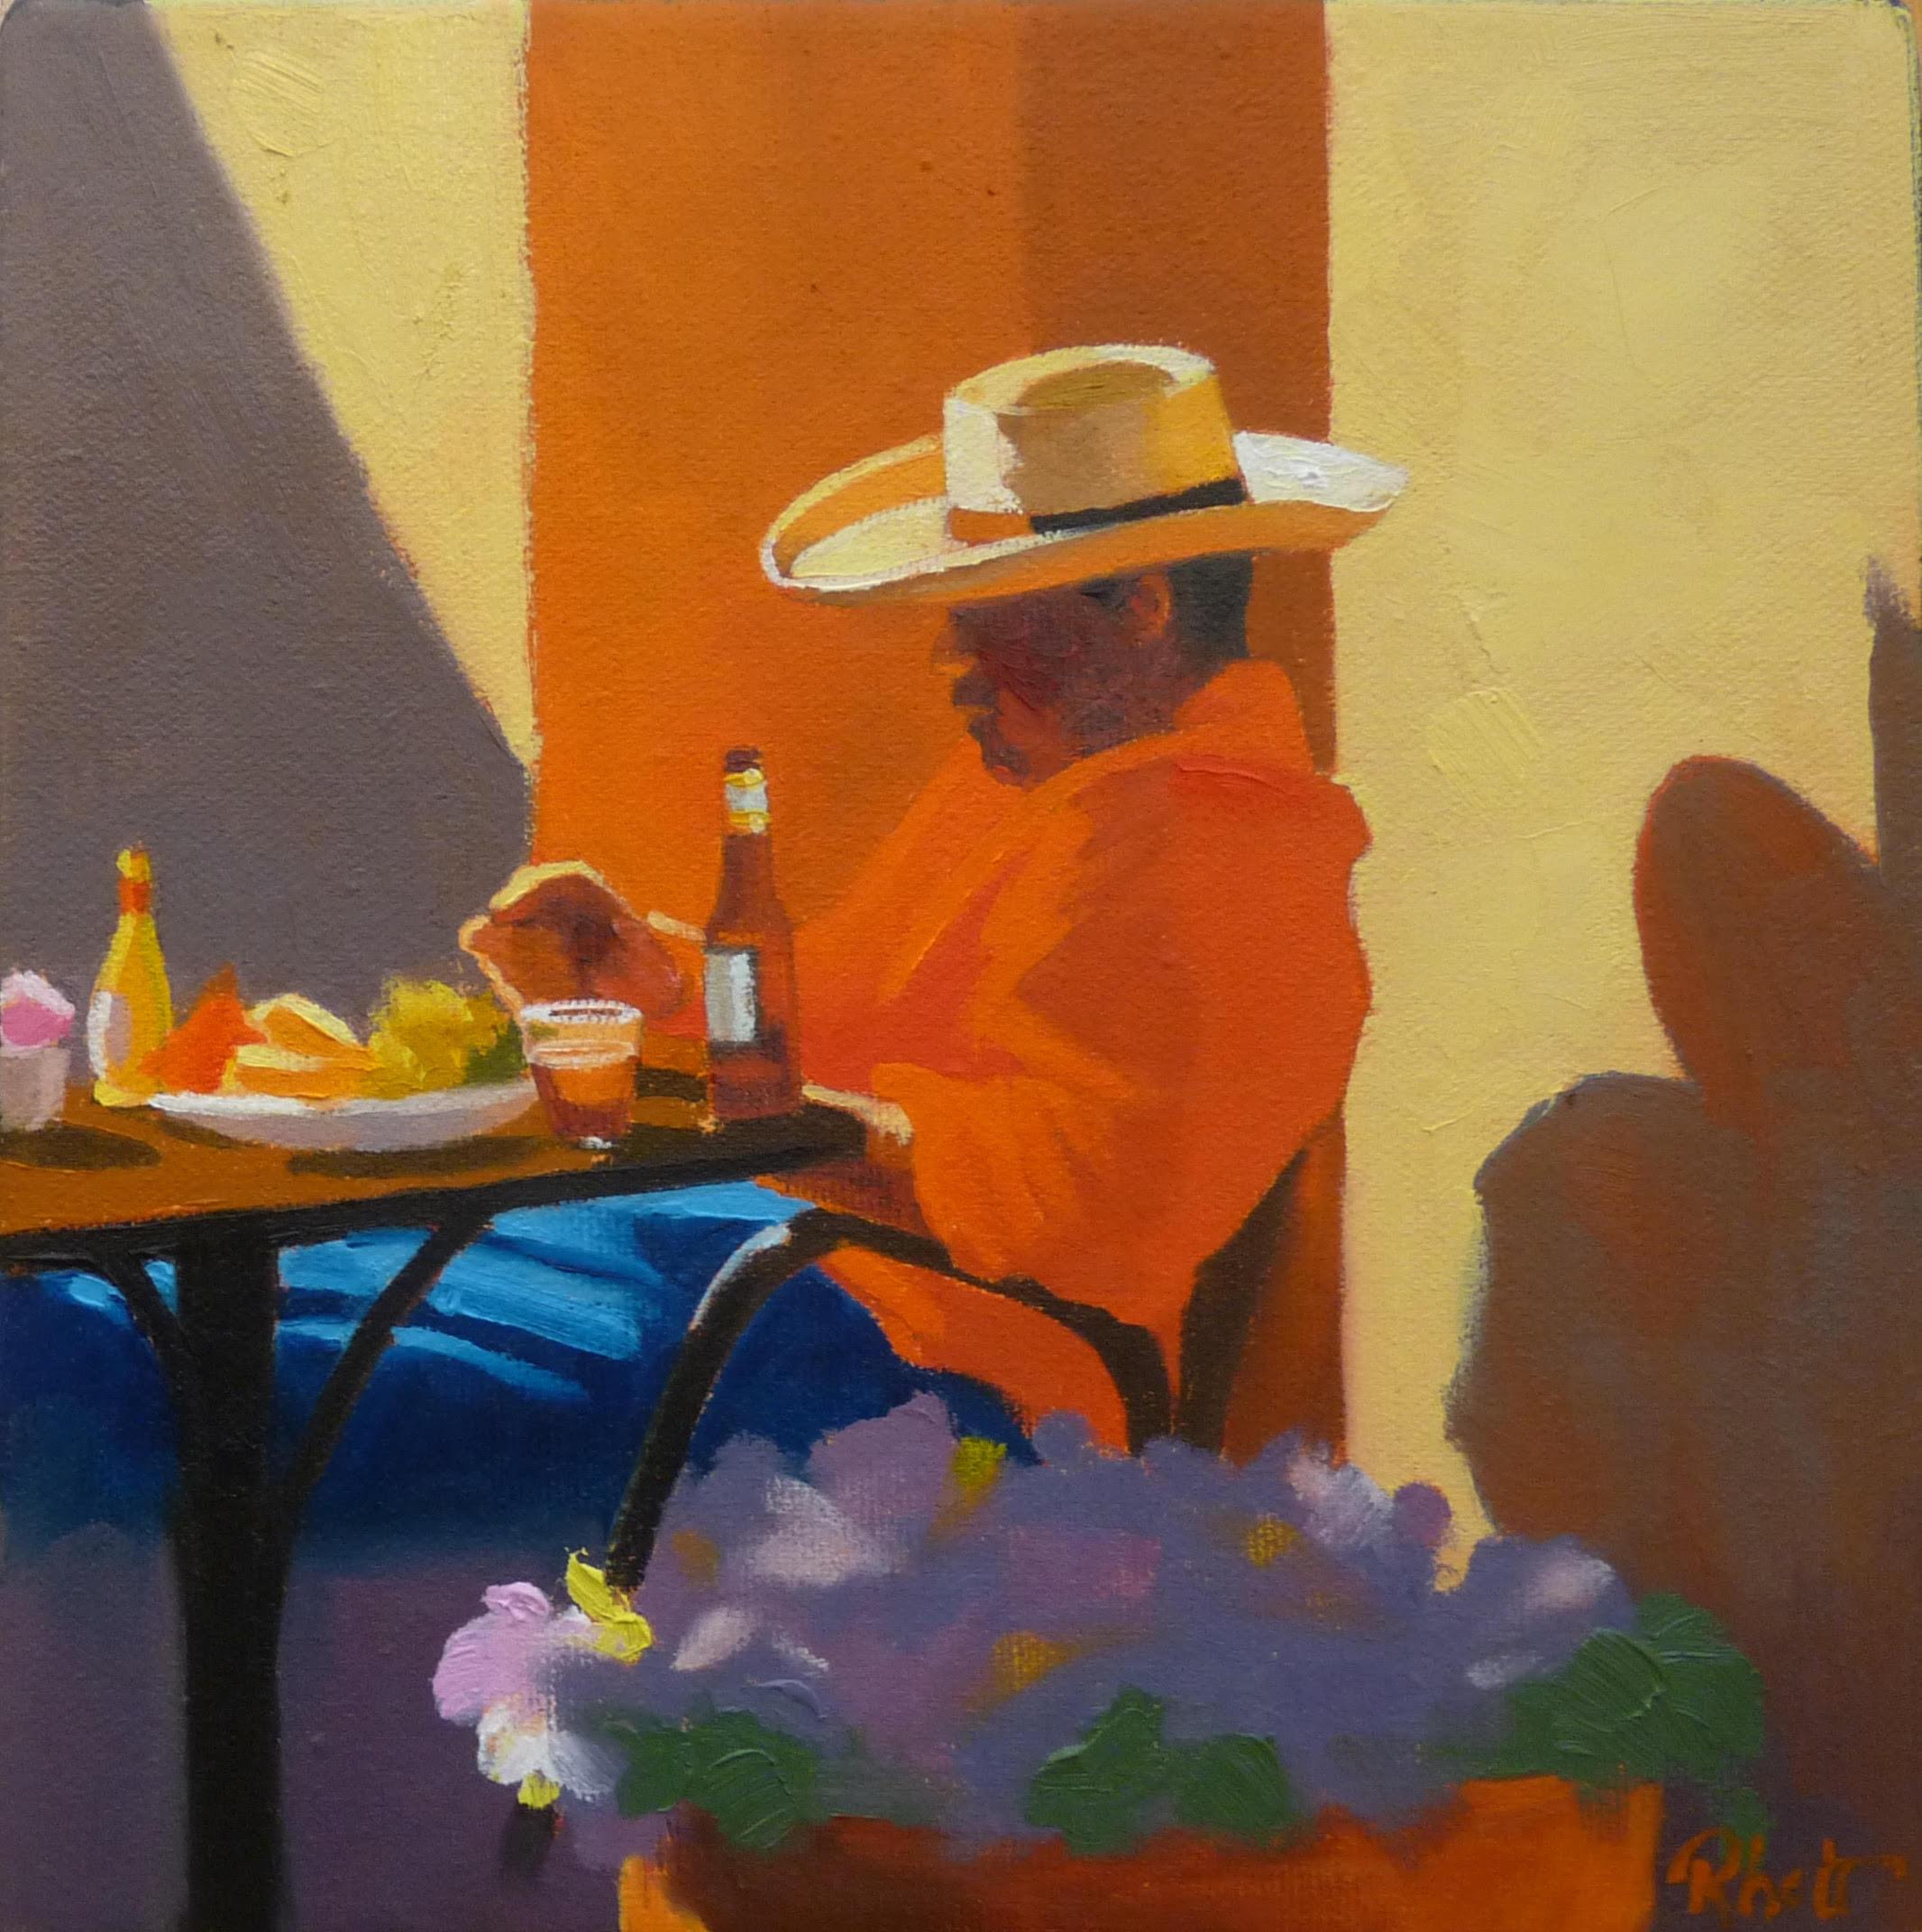 Sittin' in the Mornin' Sun, 8 x 8